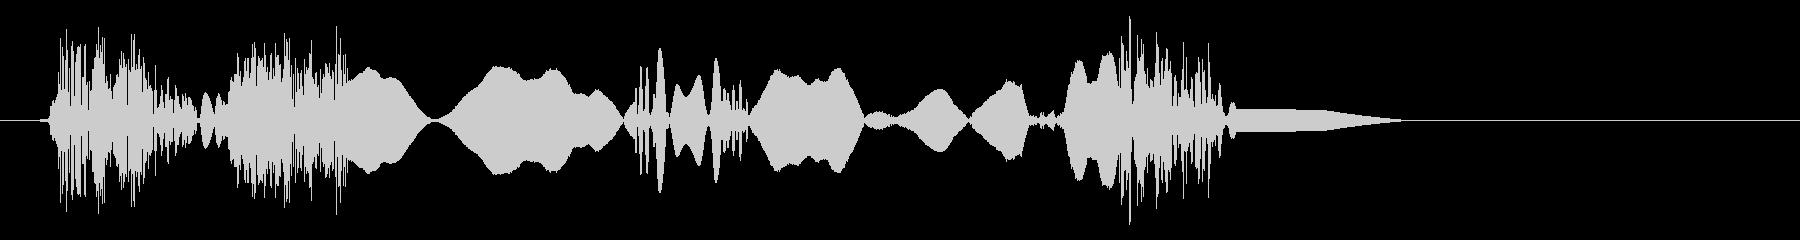 チュクルキュ(摩擦音)の未再生の波形